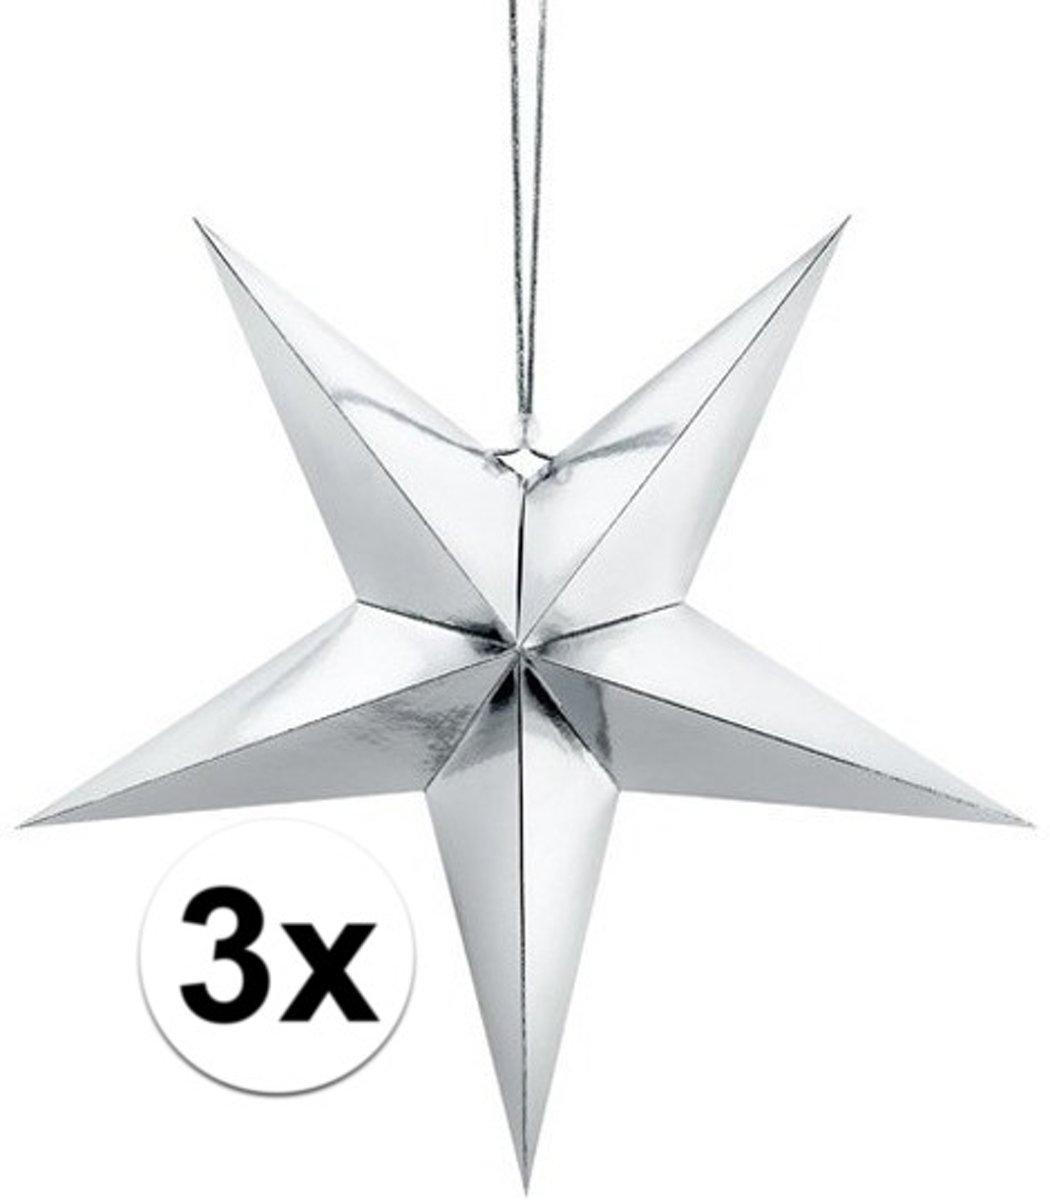 3x Zilveren sterren 30 cm Kerst decoratie/versiering kopen